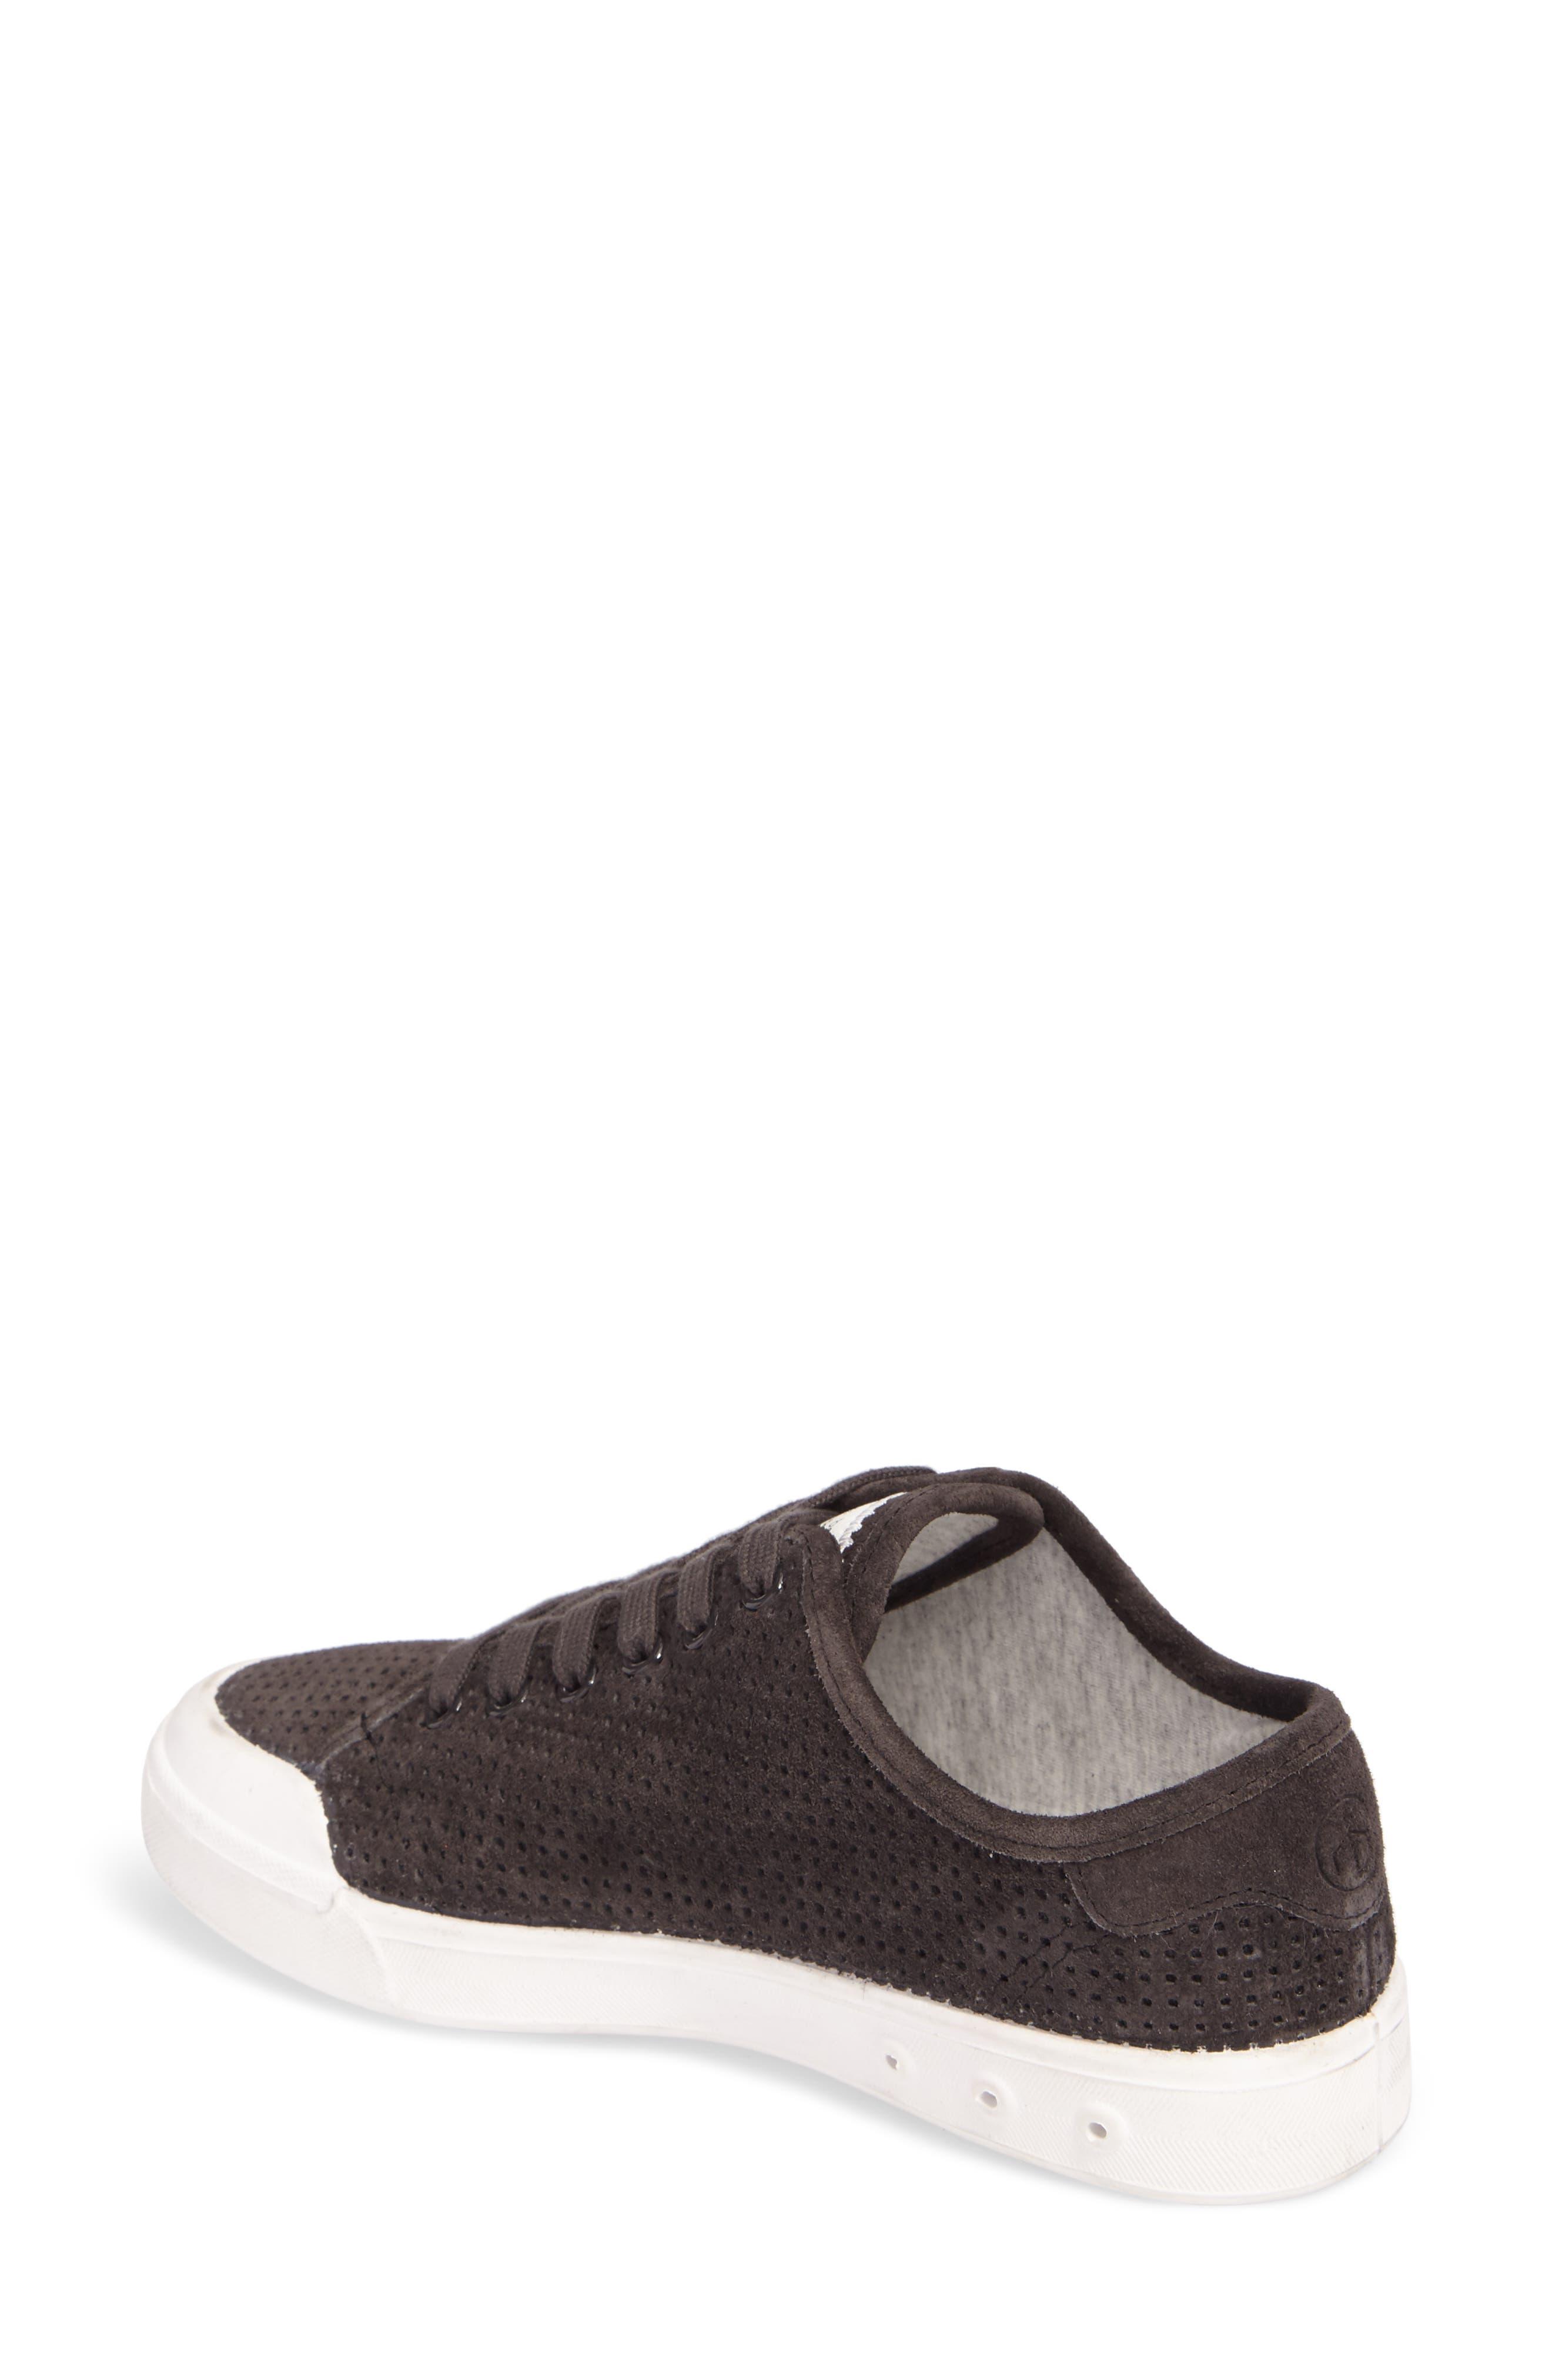 Standard Issue Sneaker,                             Alternate thumbnail 2, color,                             068